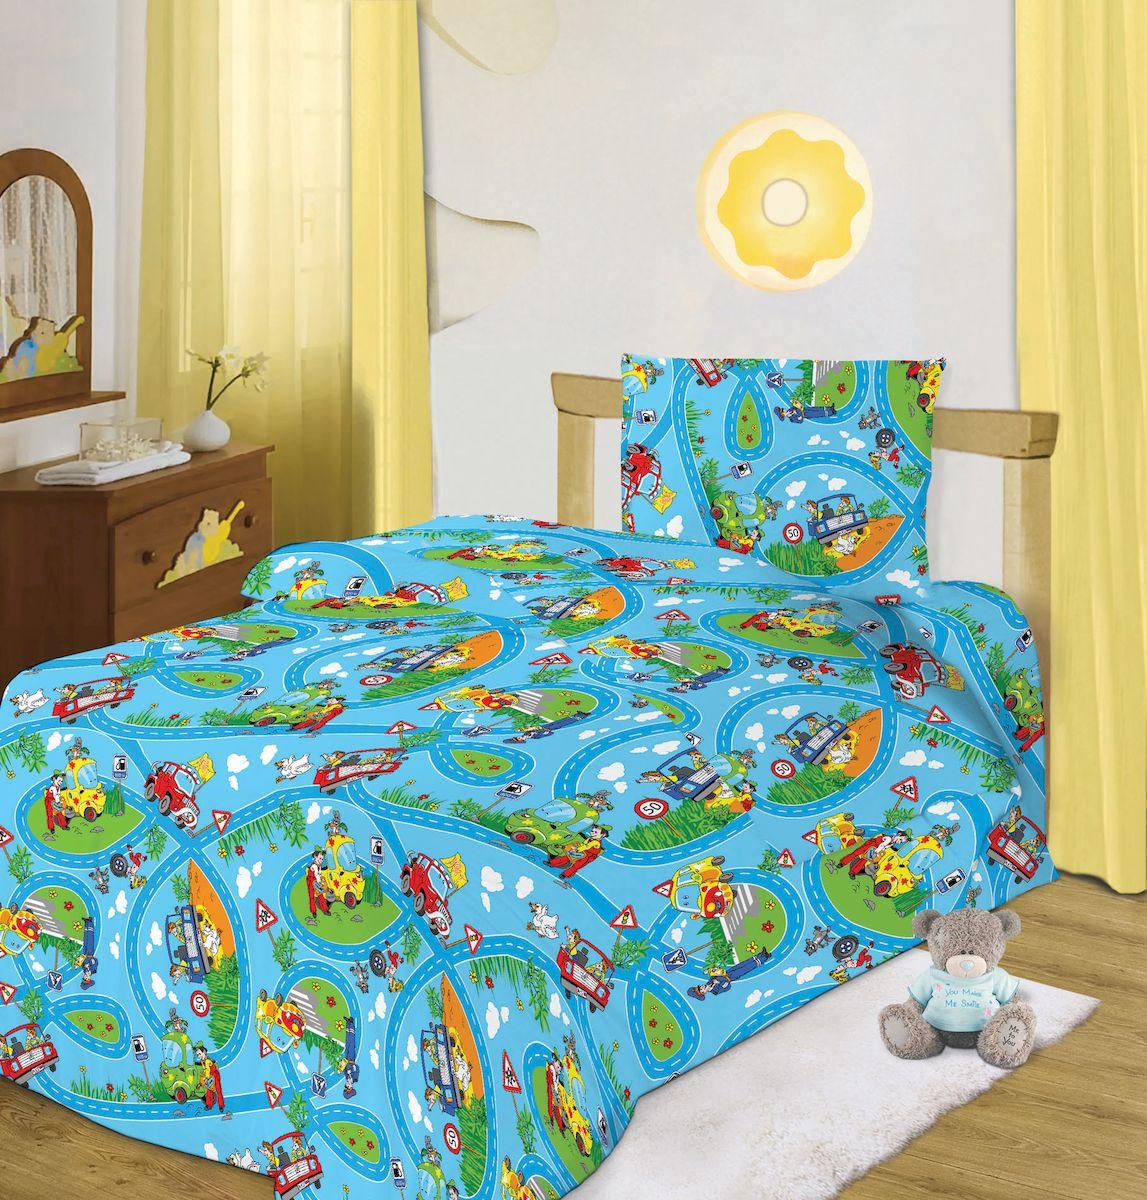 Кошки-мышки Комплект постельного белья для новорожденных Светофор228529Комплект постельного белья для новорожденных Кошки-мышки Светофор, состоящий изнаволочки, простыни и пододеяльника, выполнен из бязи. Бязь - это натуральный материал, который не раздражает даже самую нежную и чувствительнуюкожу малыша, не вызывает аллергии и хорошо вентилируется. Такой комплект идеально подойдет для кроватки вашего малыша. На нем ребенок будет спатьздоровым и крепким сном.